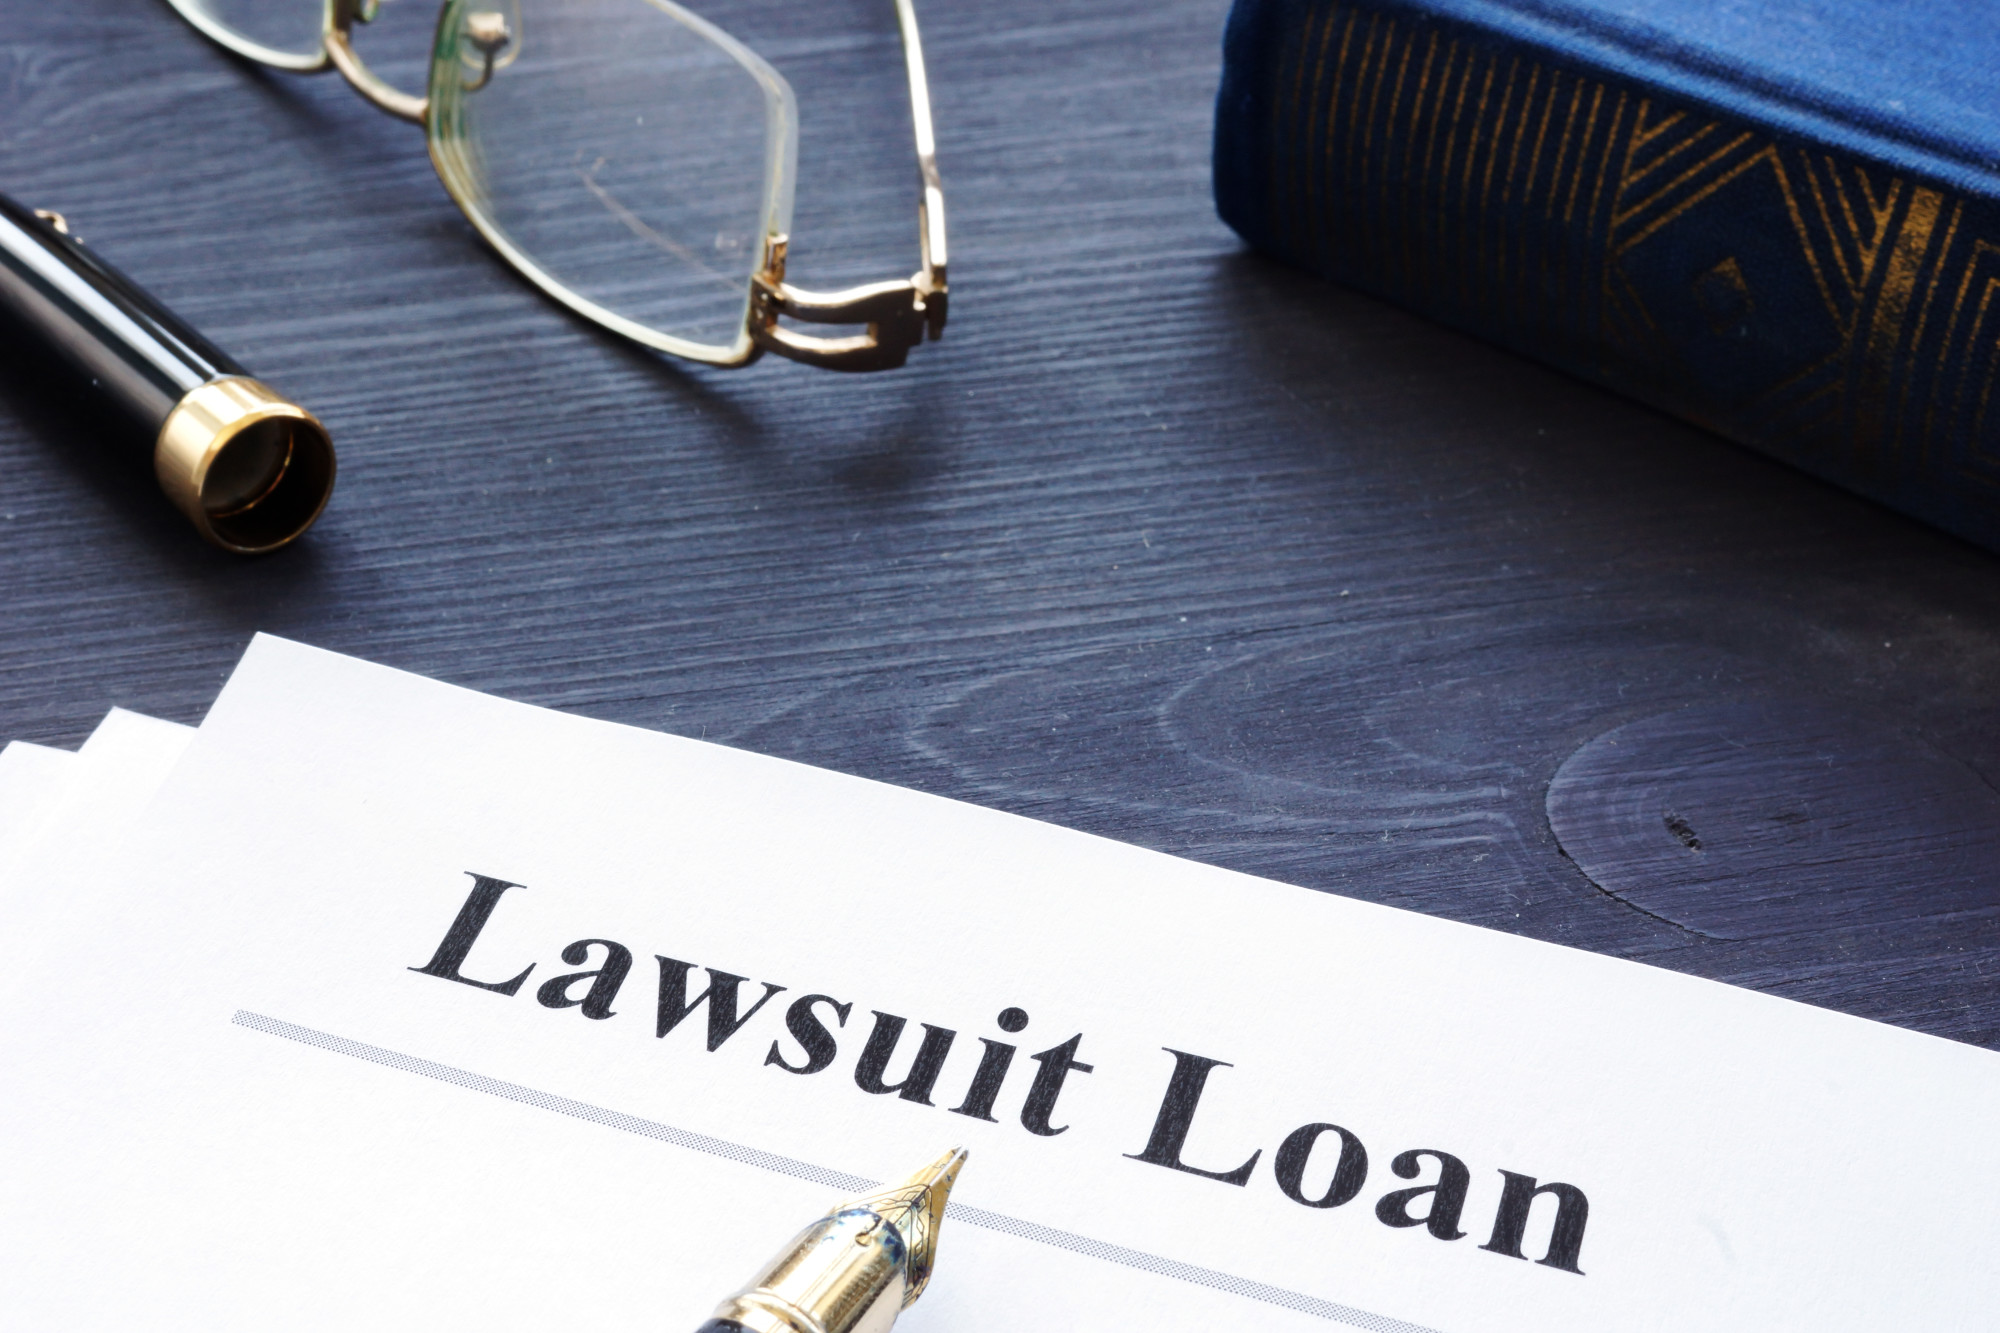 lawsuit loans, settlement loan, lawsuit loan, settlement loans, loans for lawsuit